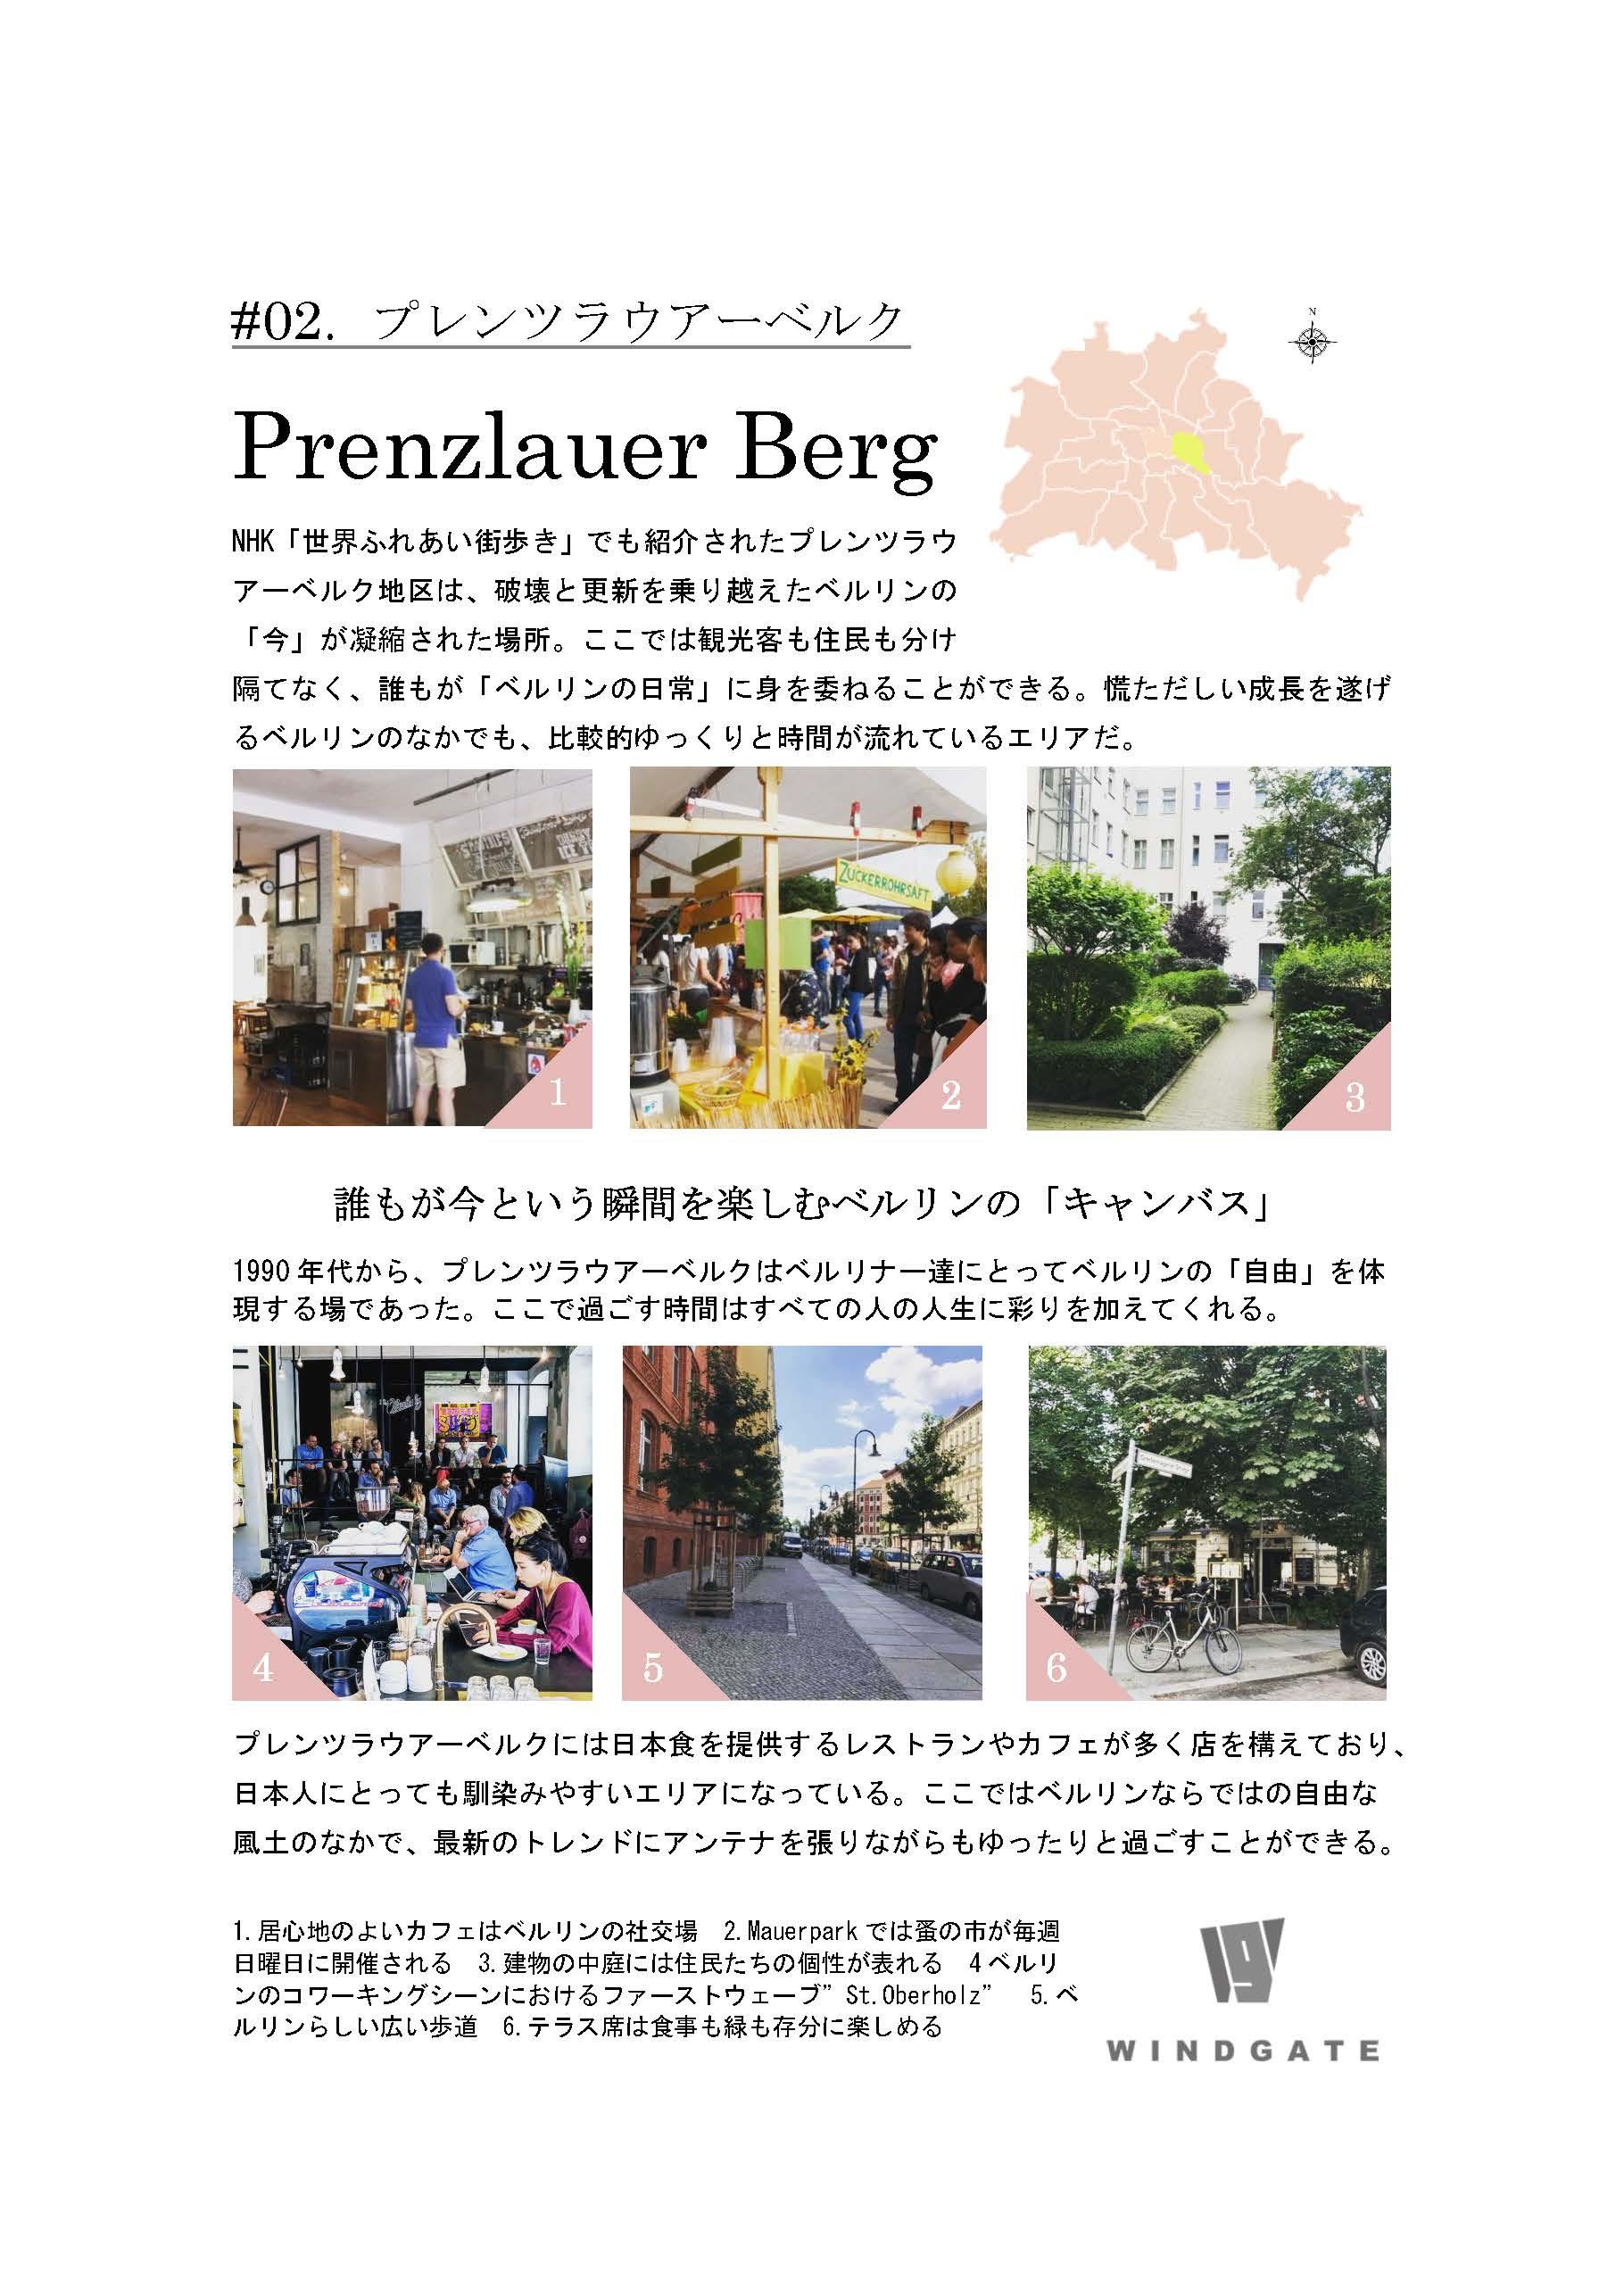 ベルリンエリア紹介【Prenzlauer Berg】